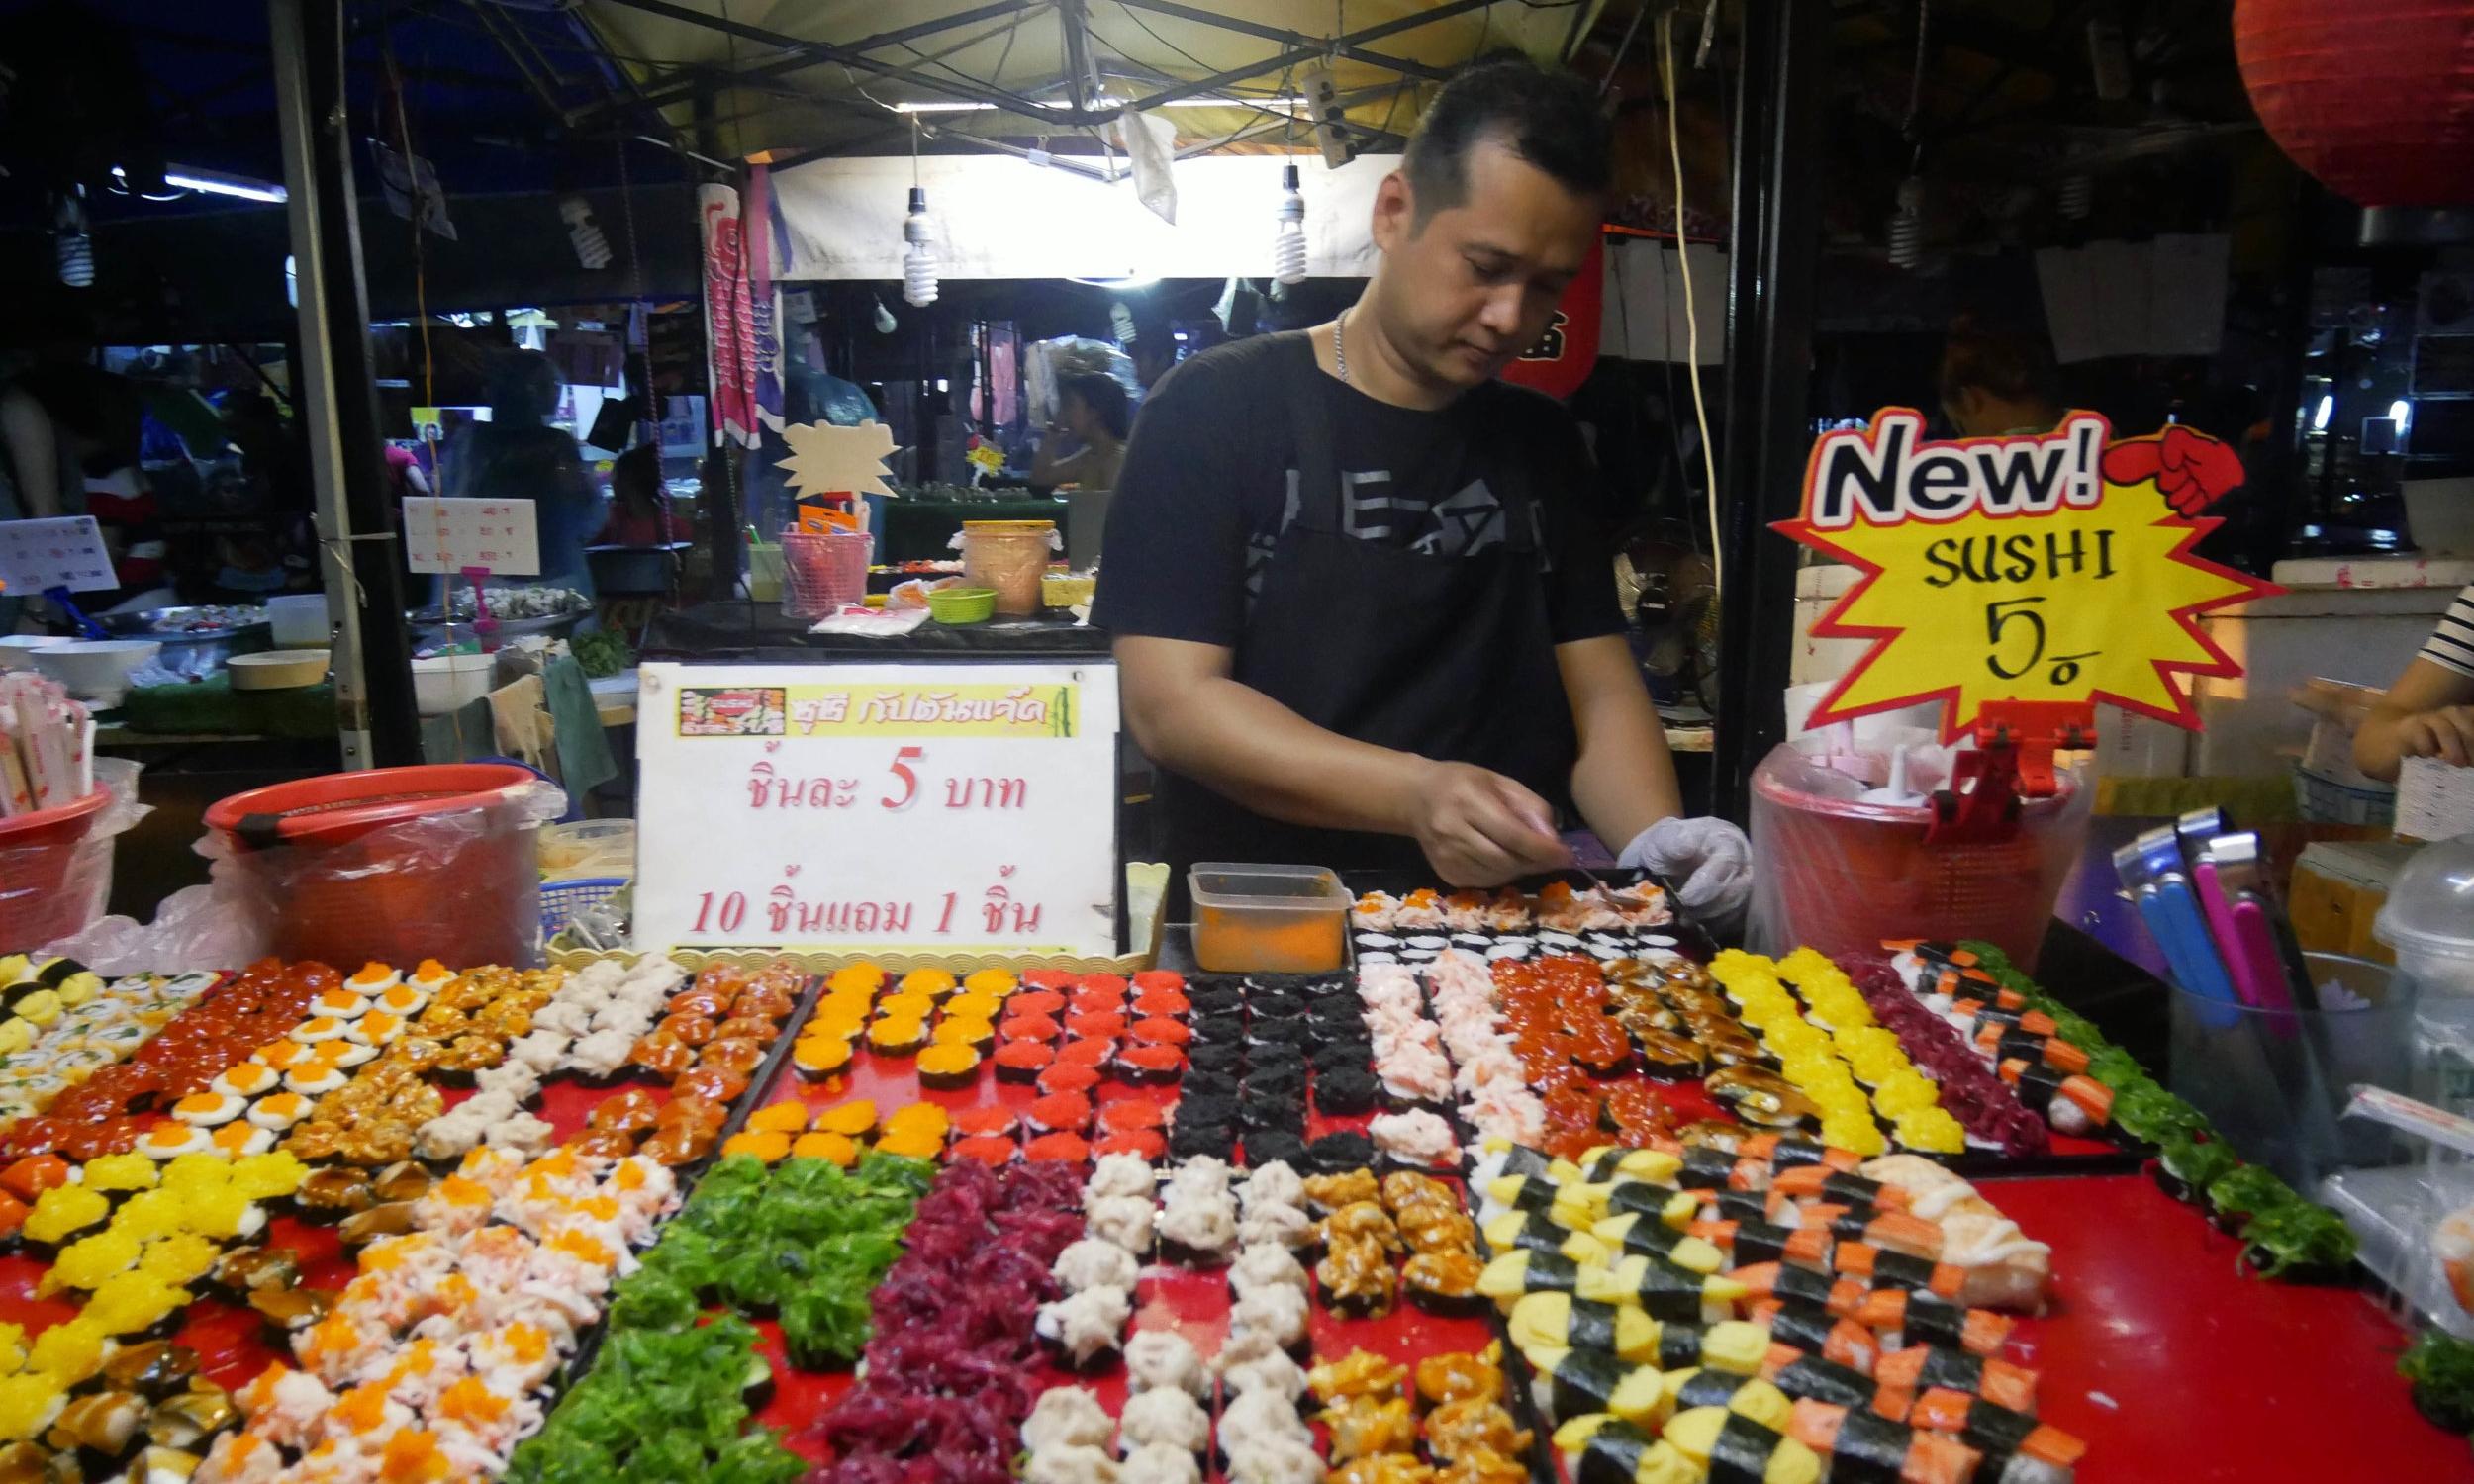 Sushi at Rot Fai Market